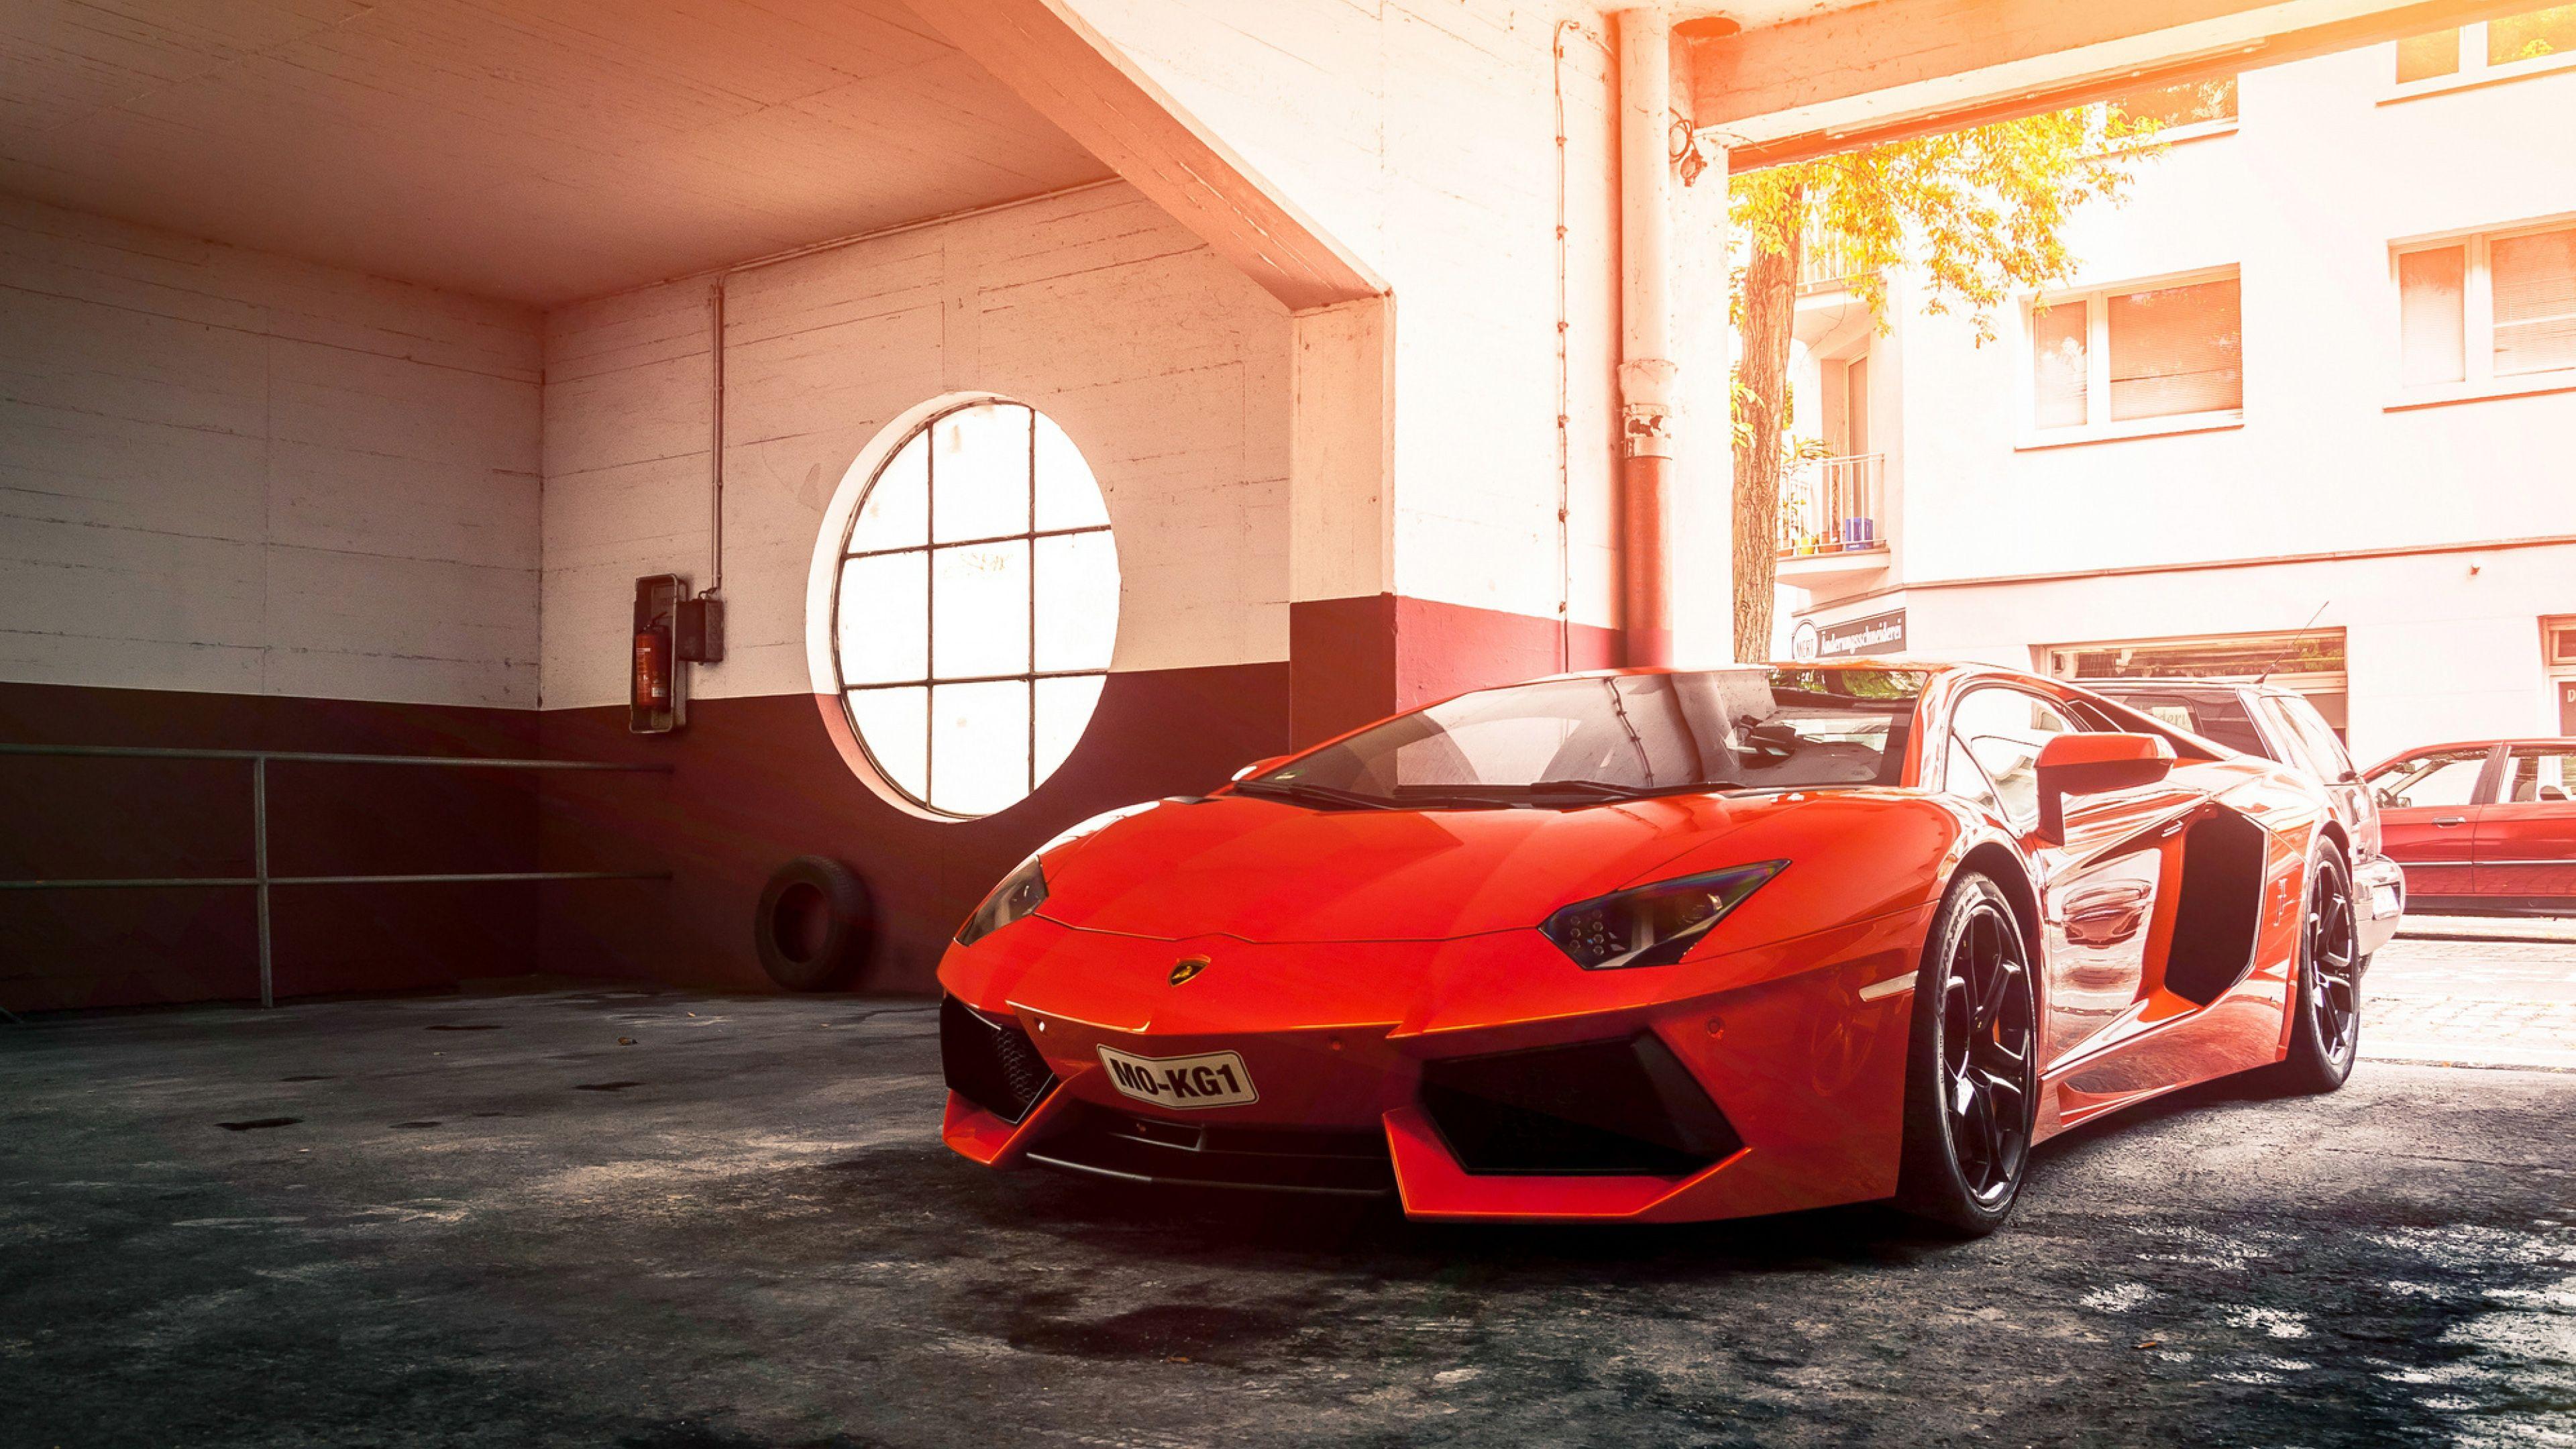 Lamborghini Veneno Wallpapers in jpg format for free download